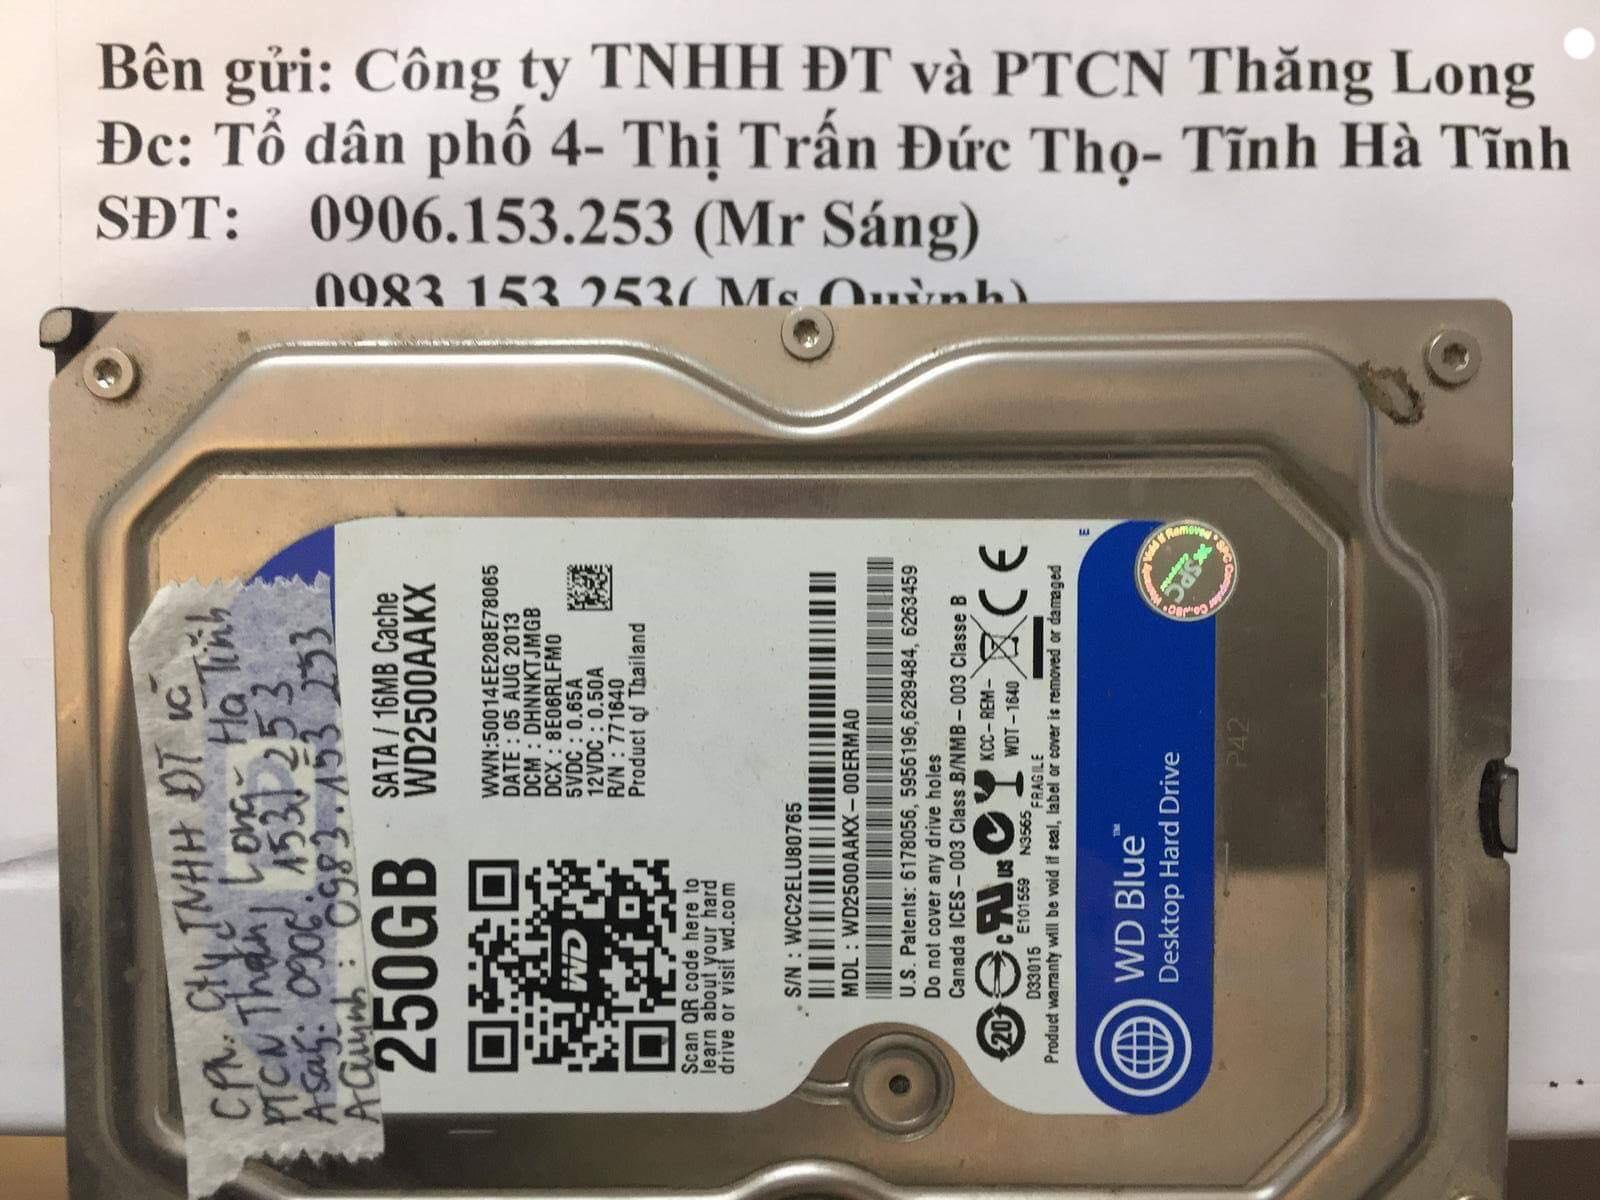 Lấy lại dữ liệu ổ cứng Western 250GB đầu đọc kém tại Hà Tĩnh27/12/2018 - cuumaytinh